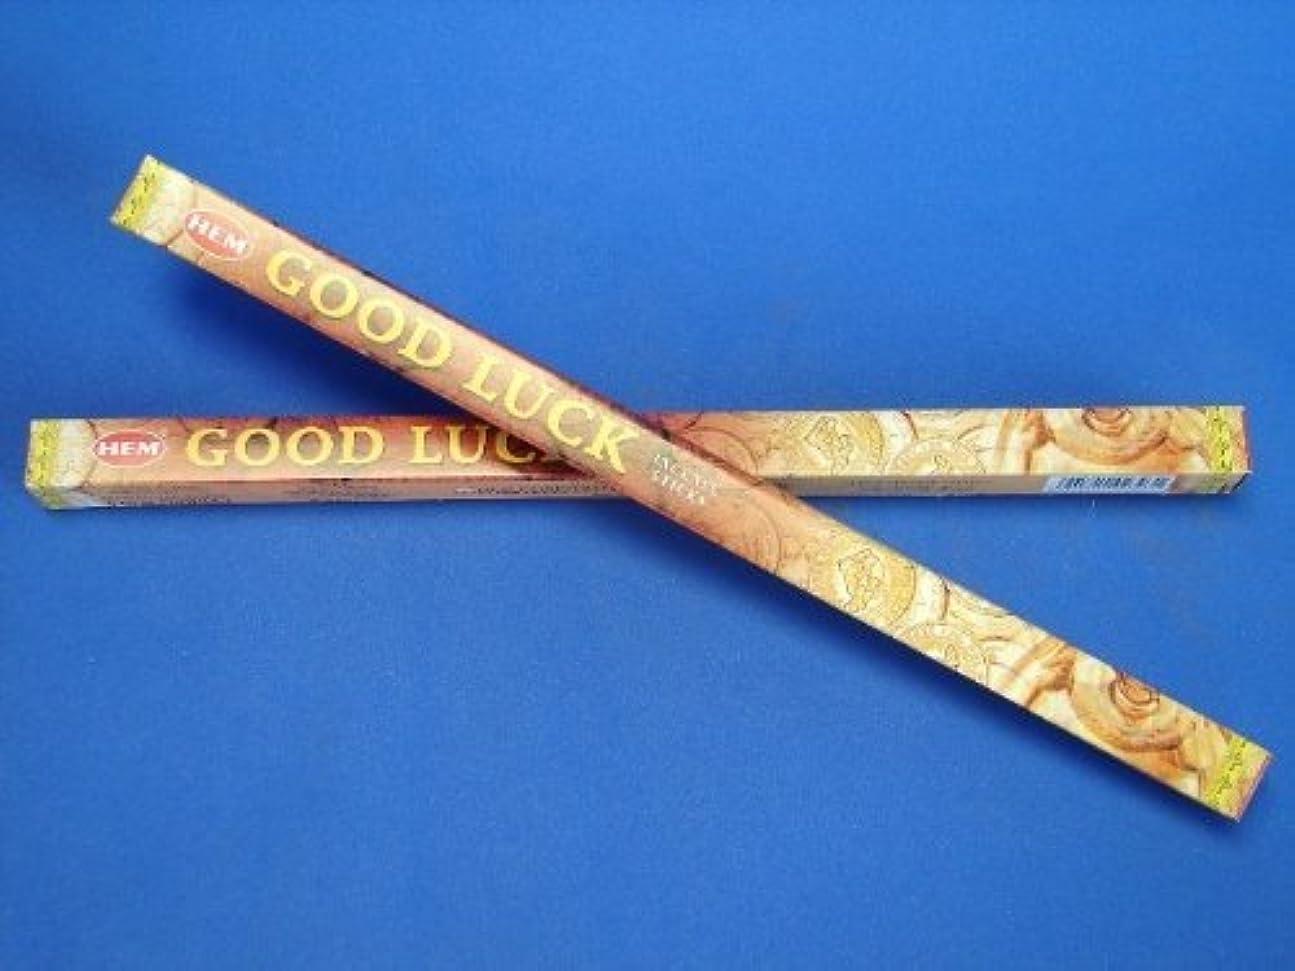 店主繁殖季節4 Boxes of HEM Good Luck Incenses